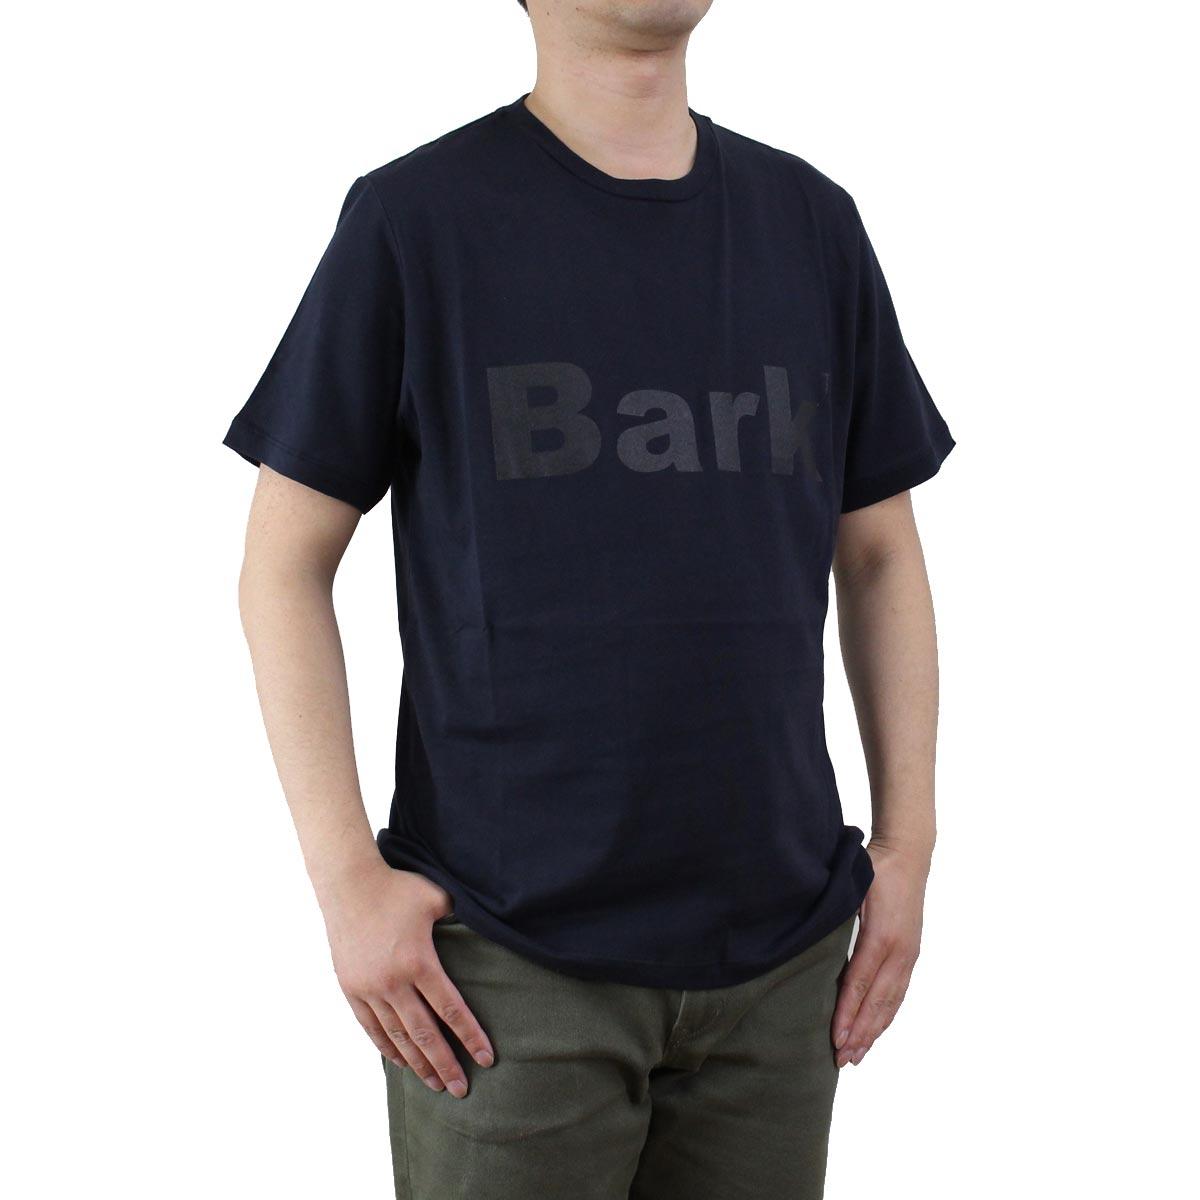 バーク Bark メンズTシャツ 71B8715 254 NAVY  メンズ 半袖 ティーシャツ ティーシャツ T shirt OLS-4  ts-01